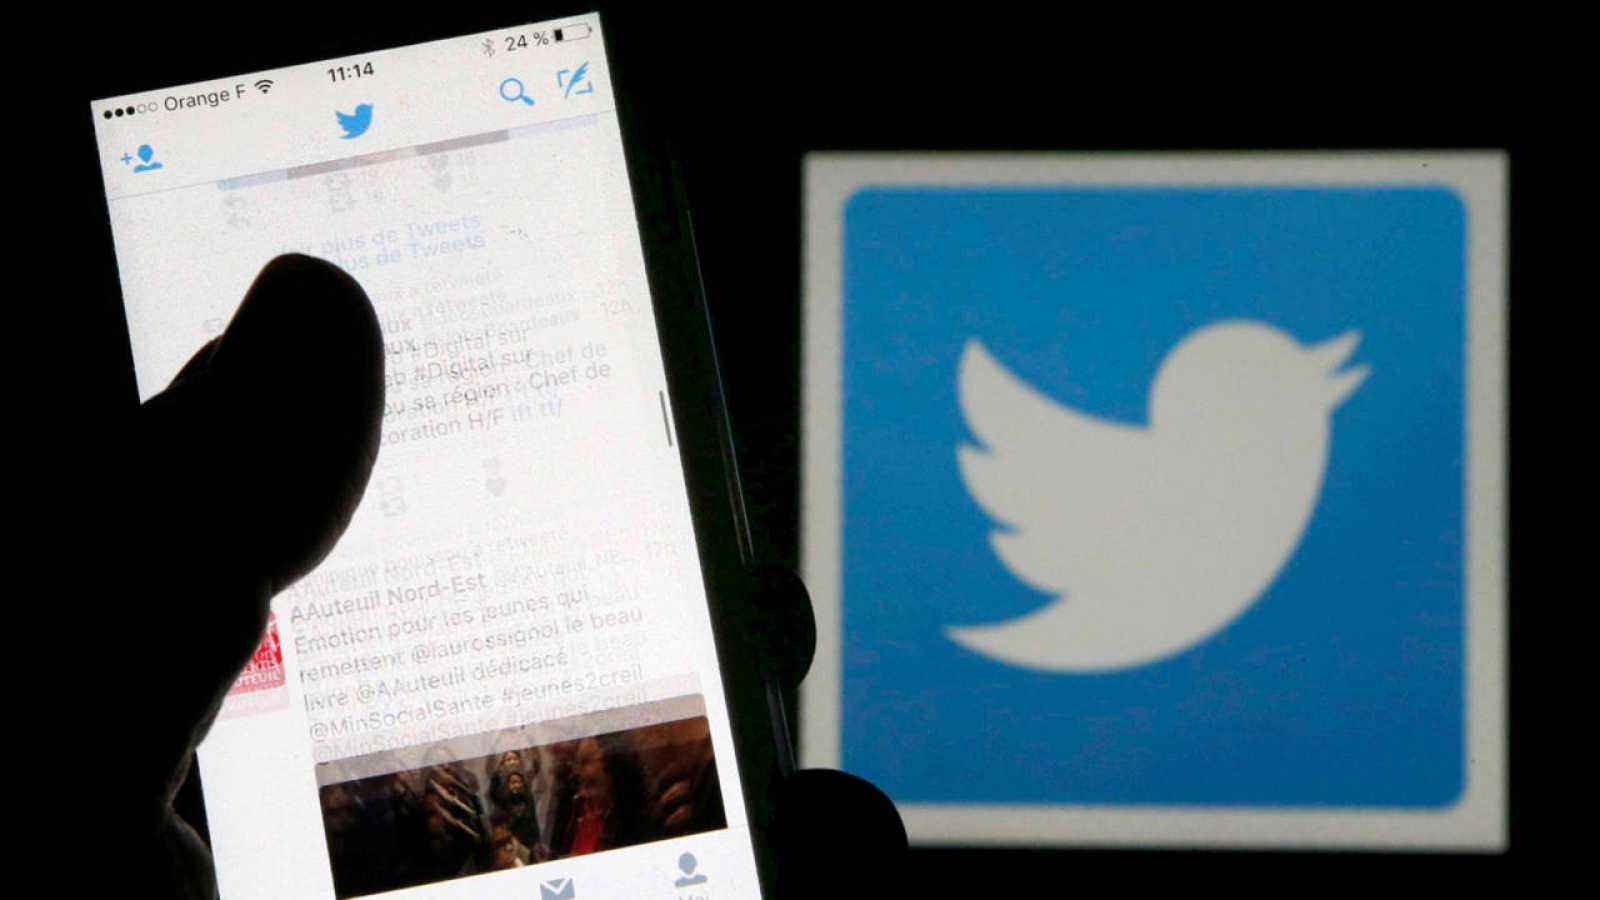 Un hombre utiliza Twitter junto al logo de la compañía en una imagen de archivo.